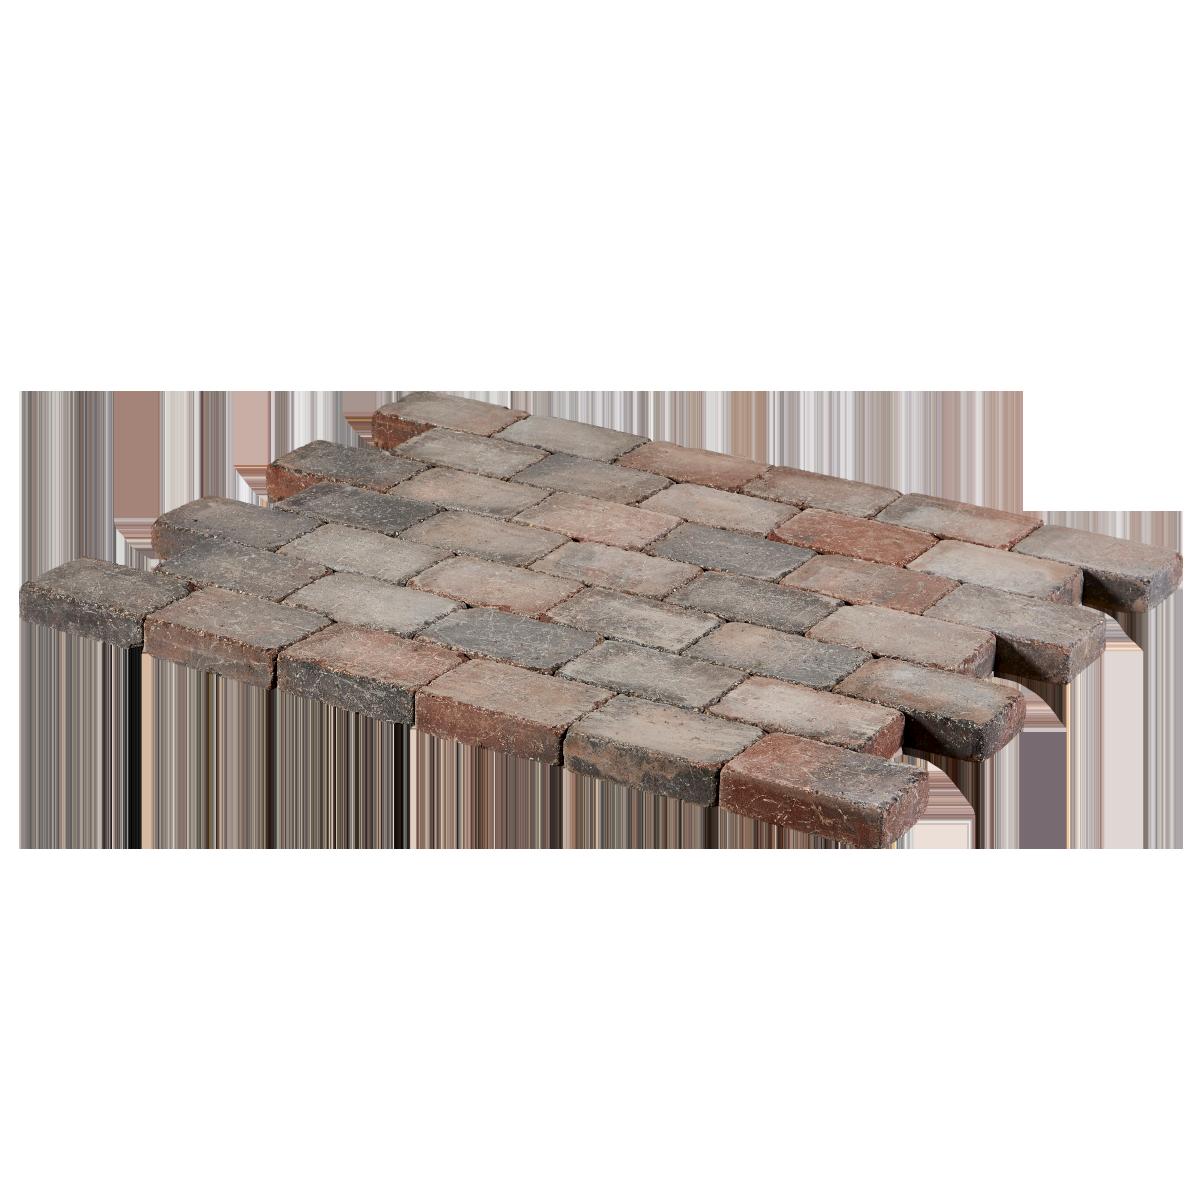 Holmegaardsten® 14x21x5 cm Rødmix Normalsten